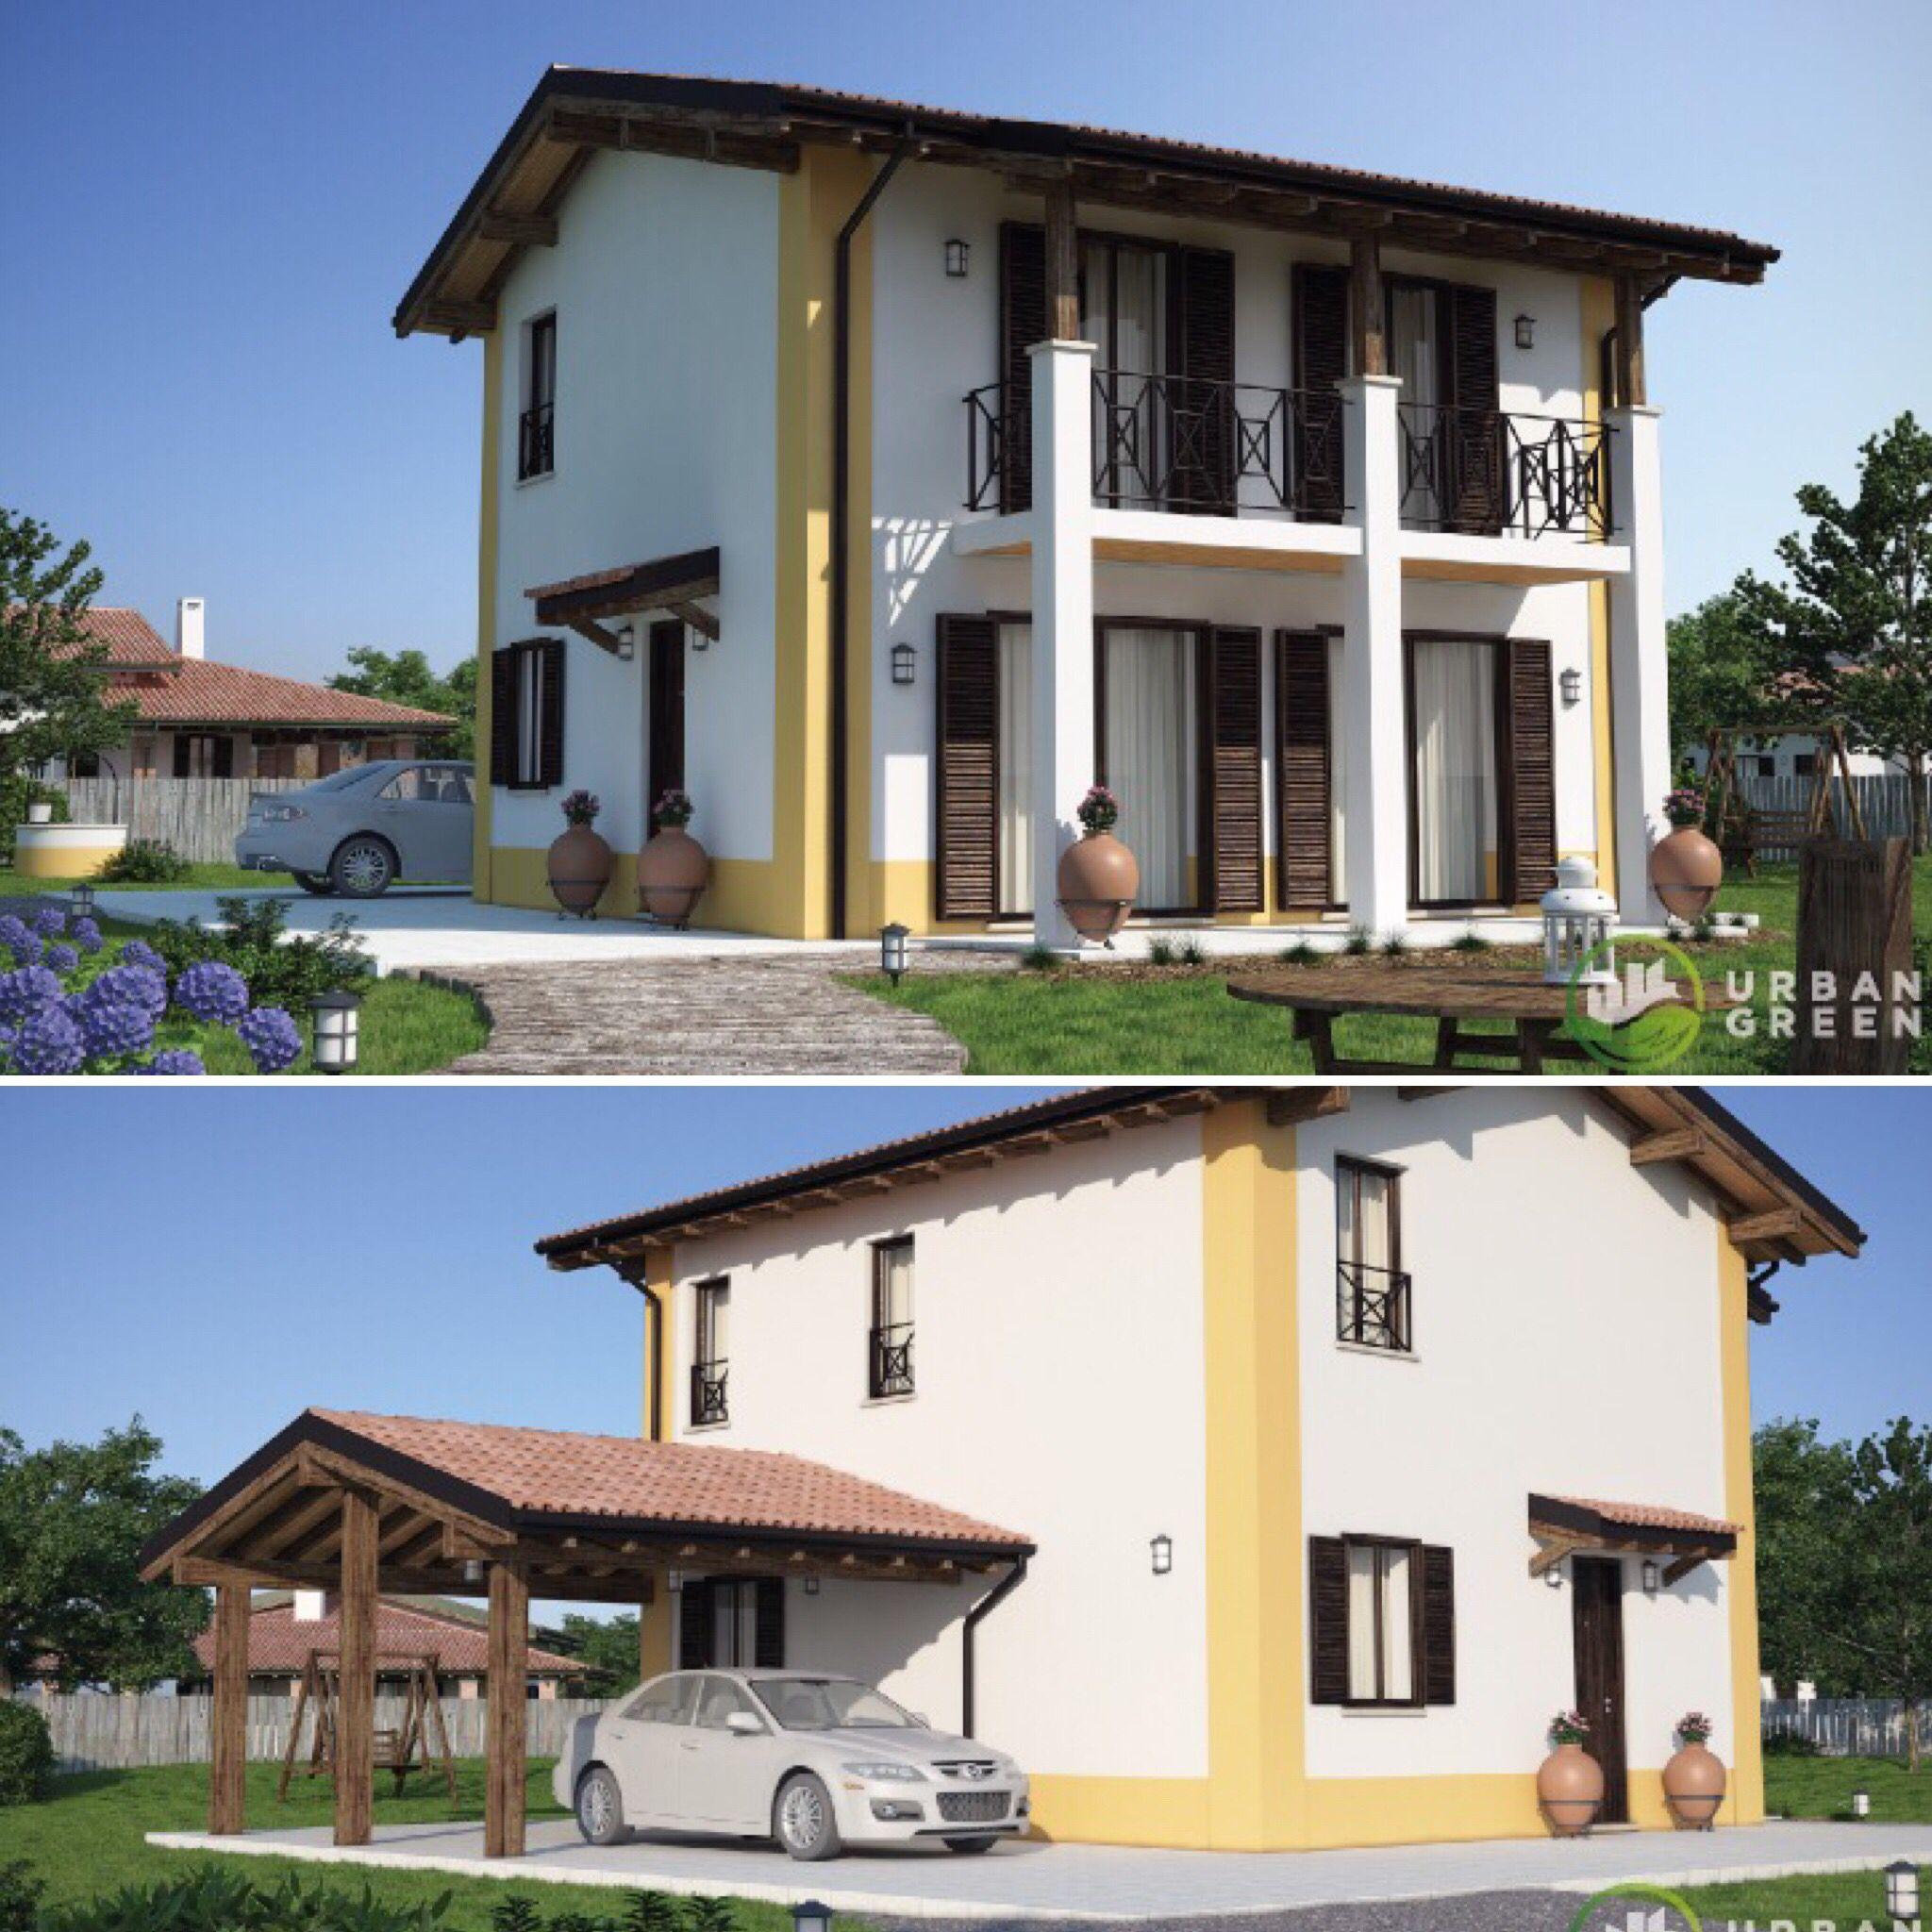 Villa Architecturedesign: Casa In Legno Bipiano URB04 - Urban Green